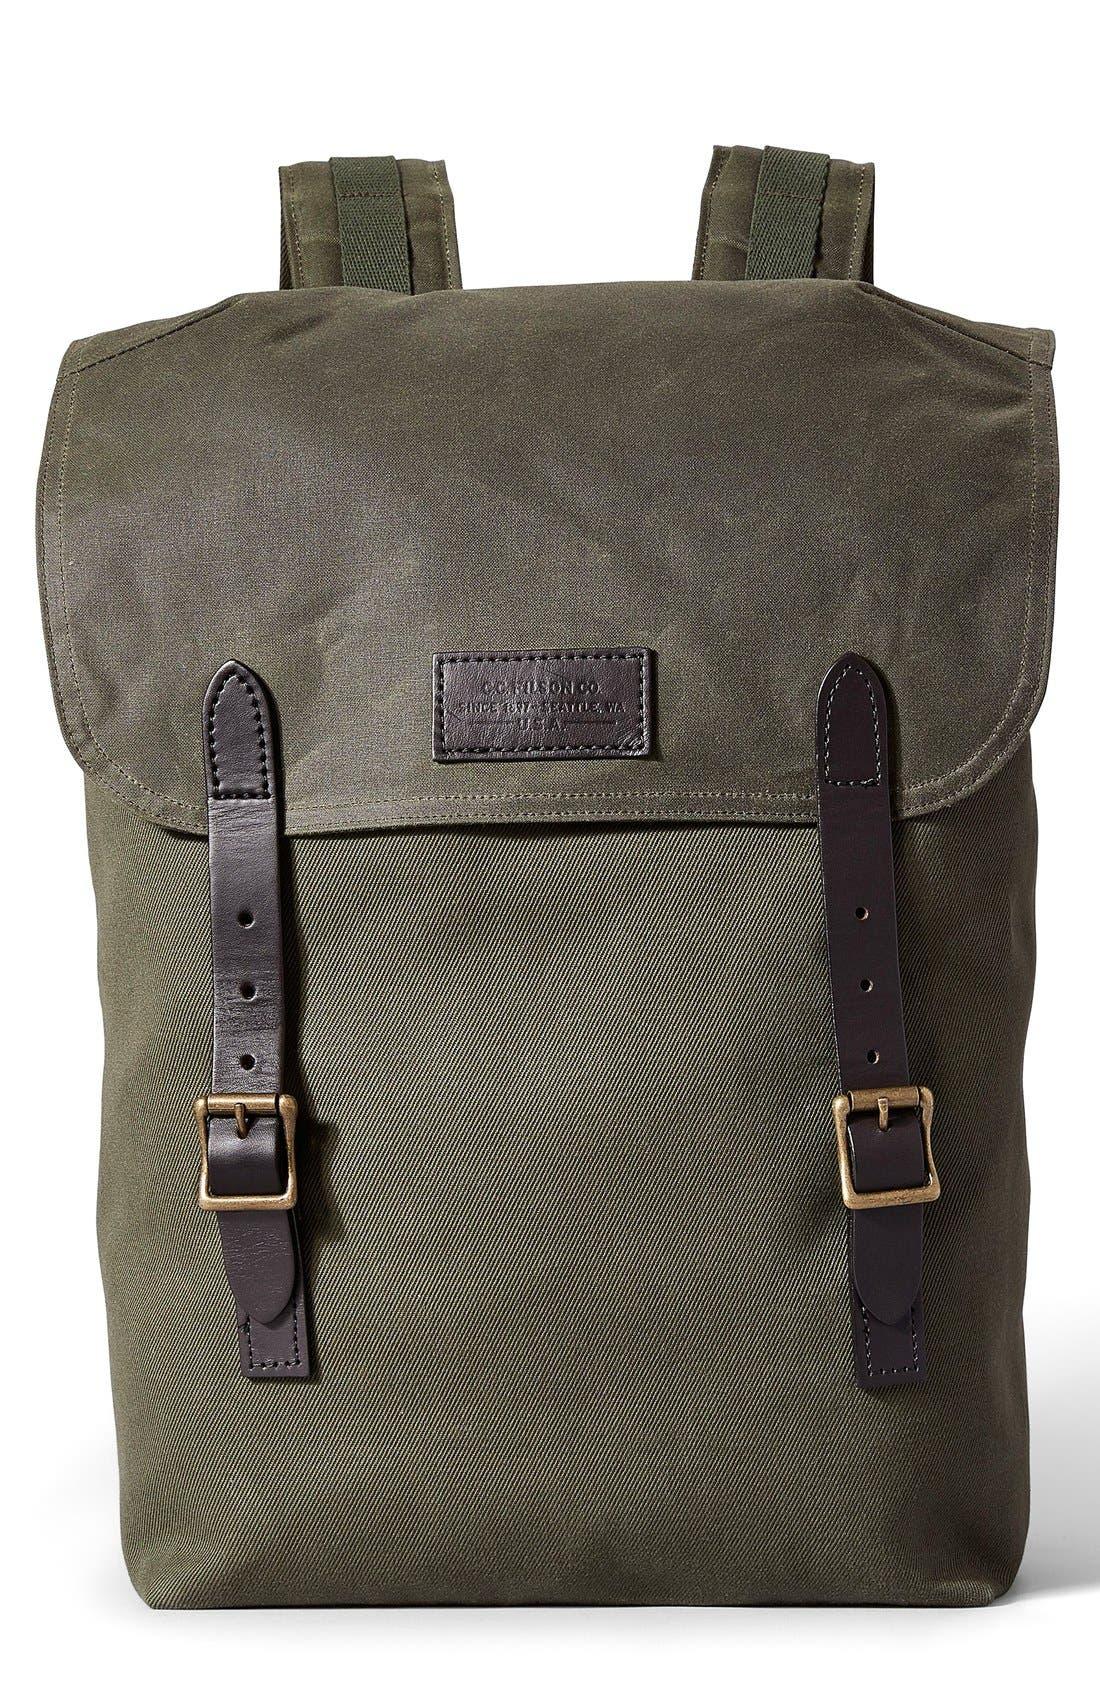 Filson 'Ranger' Canvas Backpack